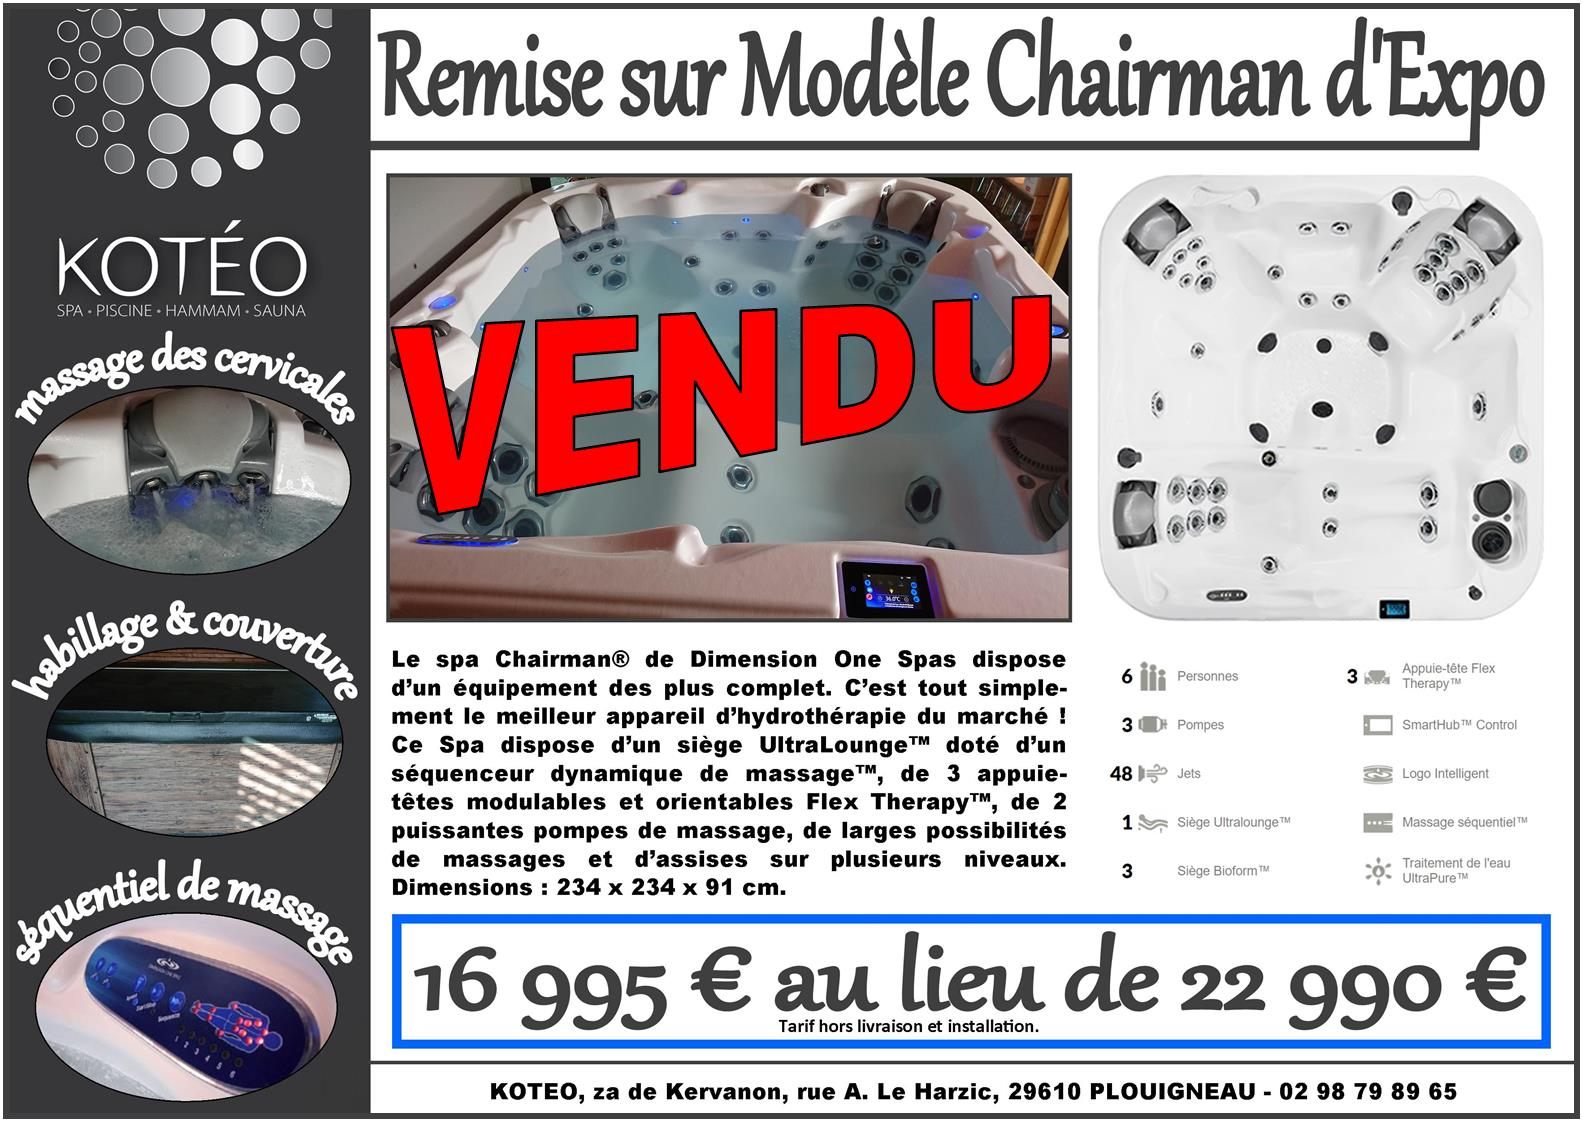 Remise Sur Spa D'Expo, Modèle Chairman De Dimension One Spa.